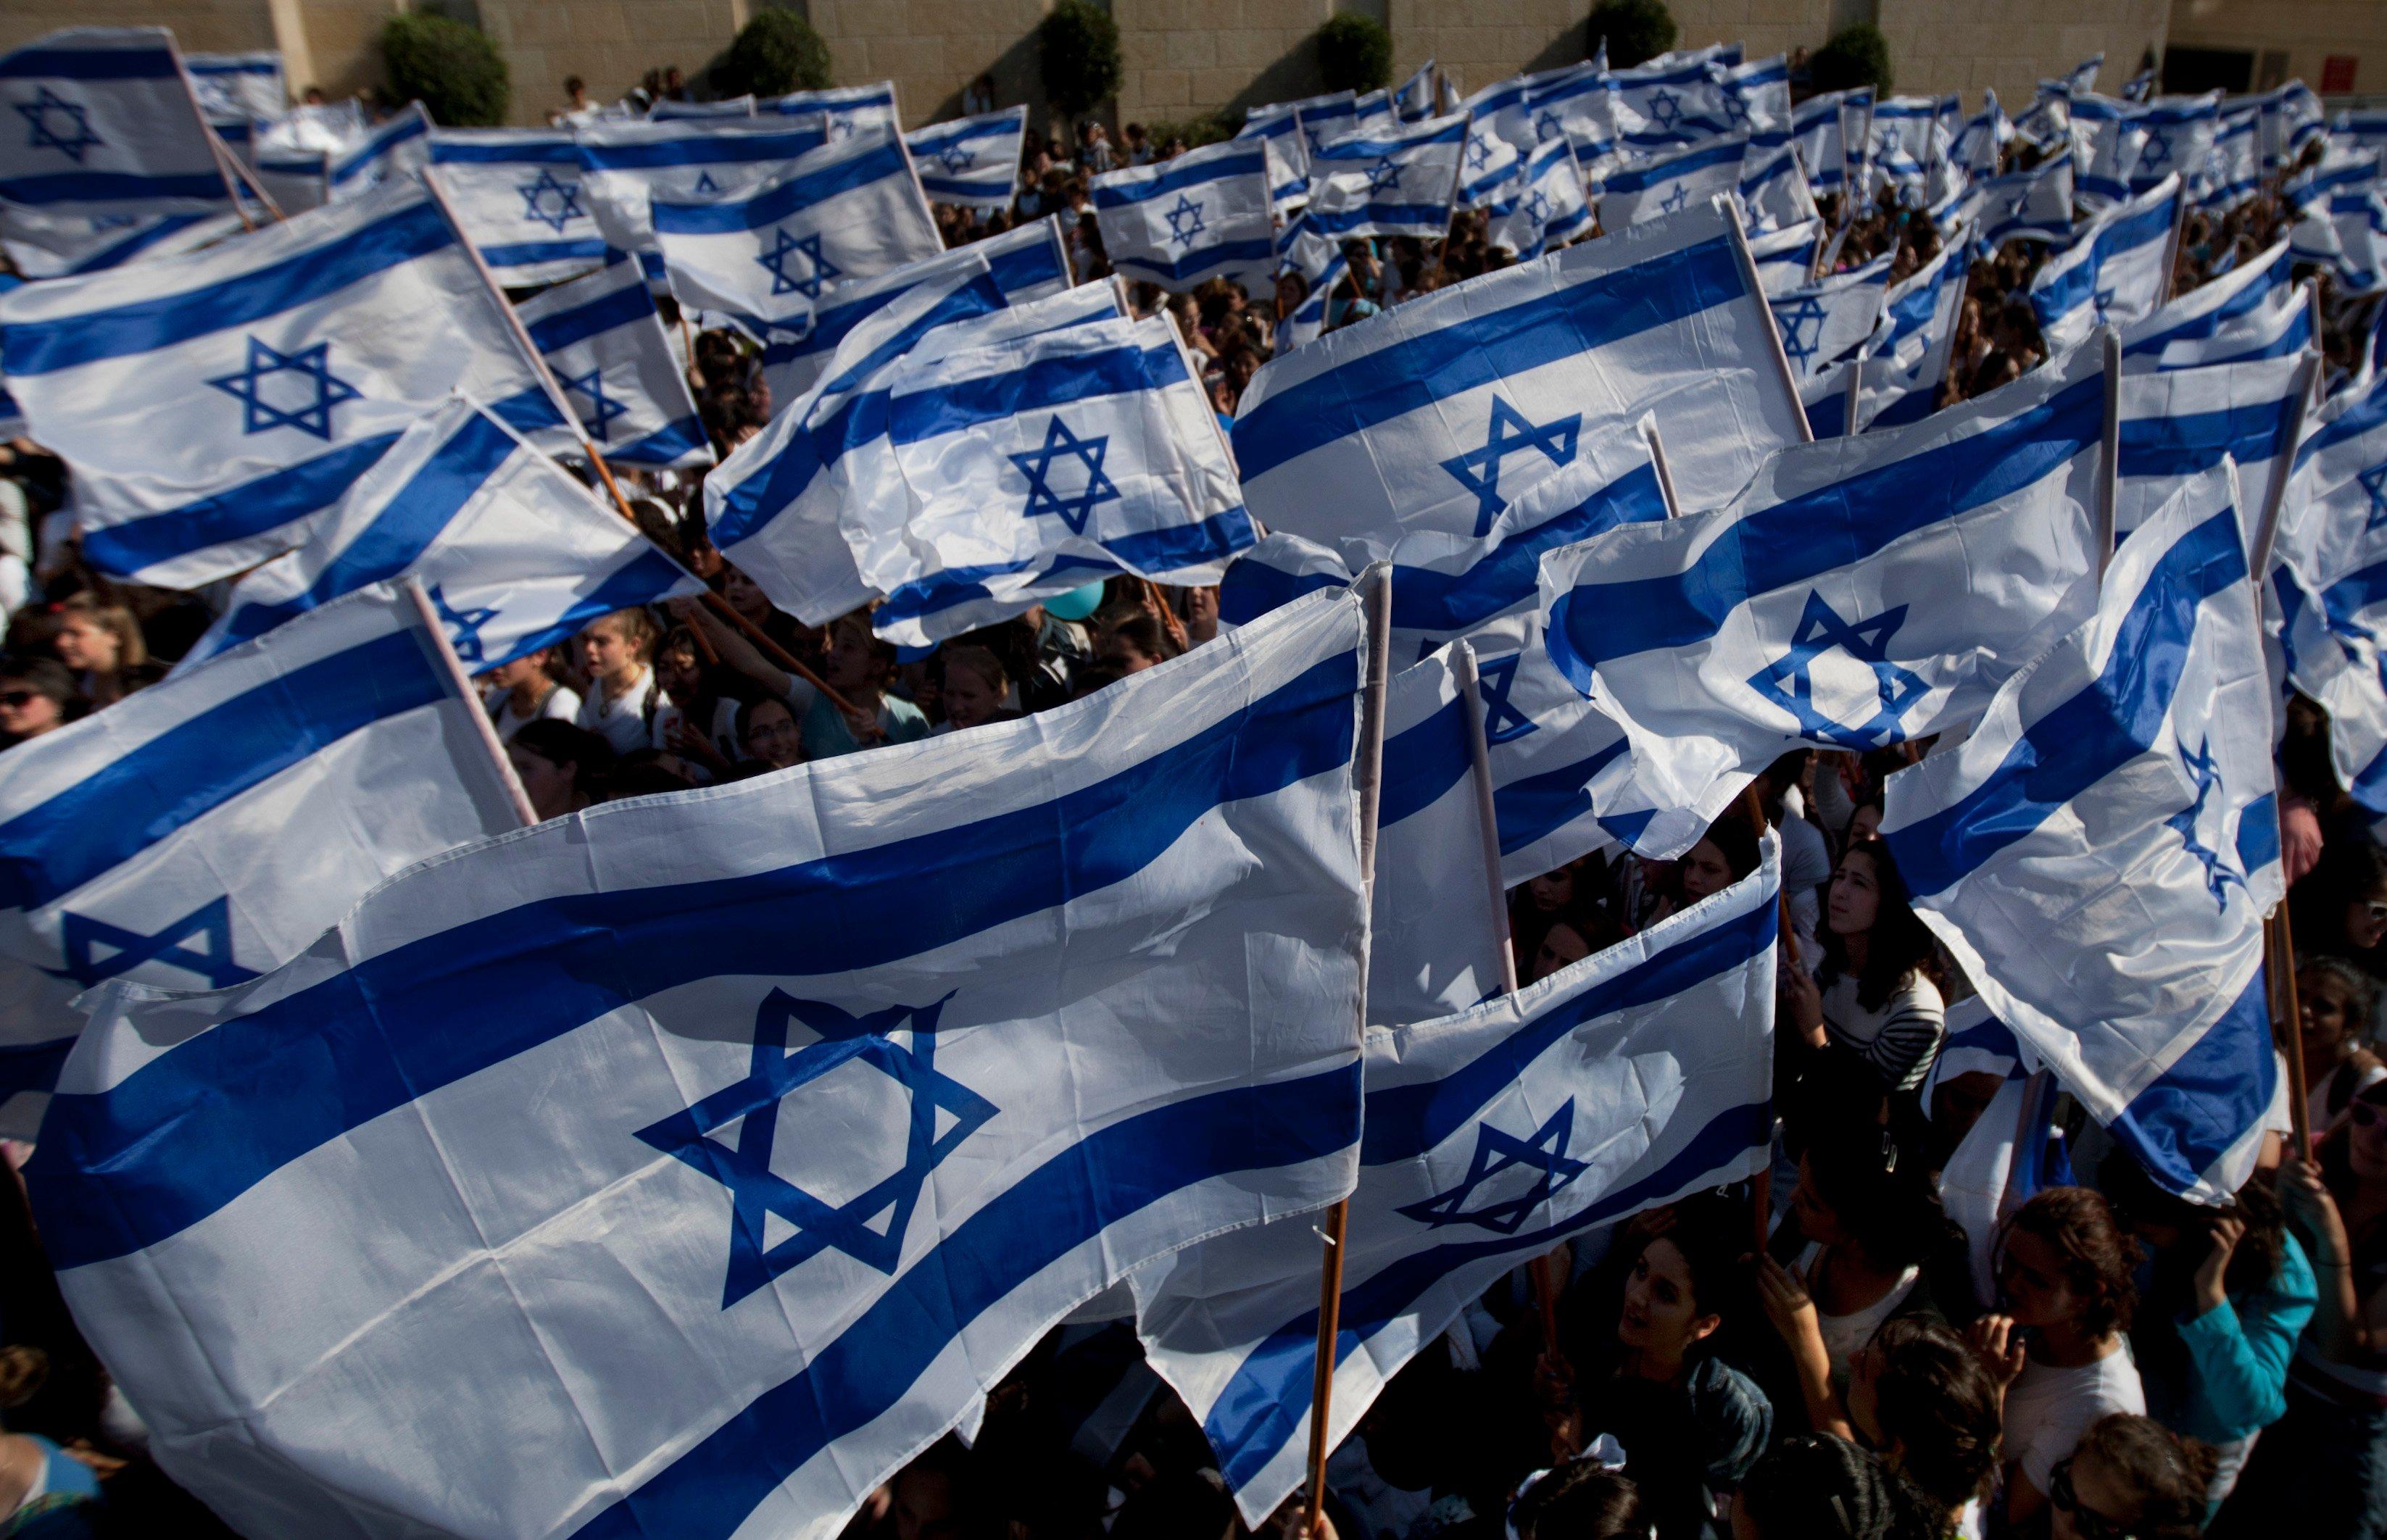 http://www.wnd.com/files/2015/05/israel.jpg